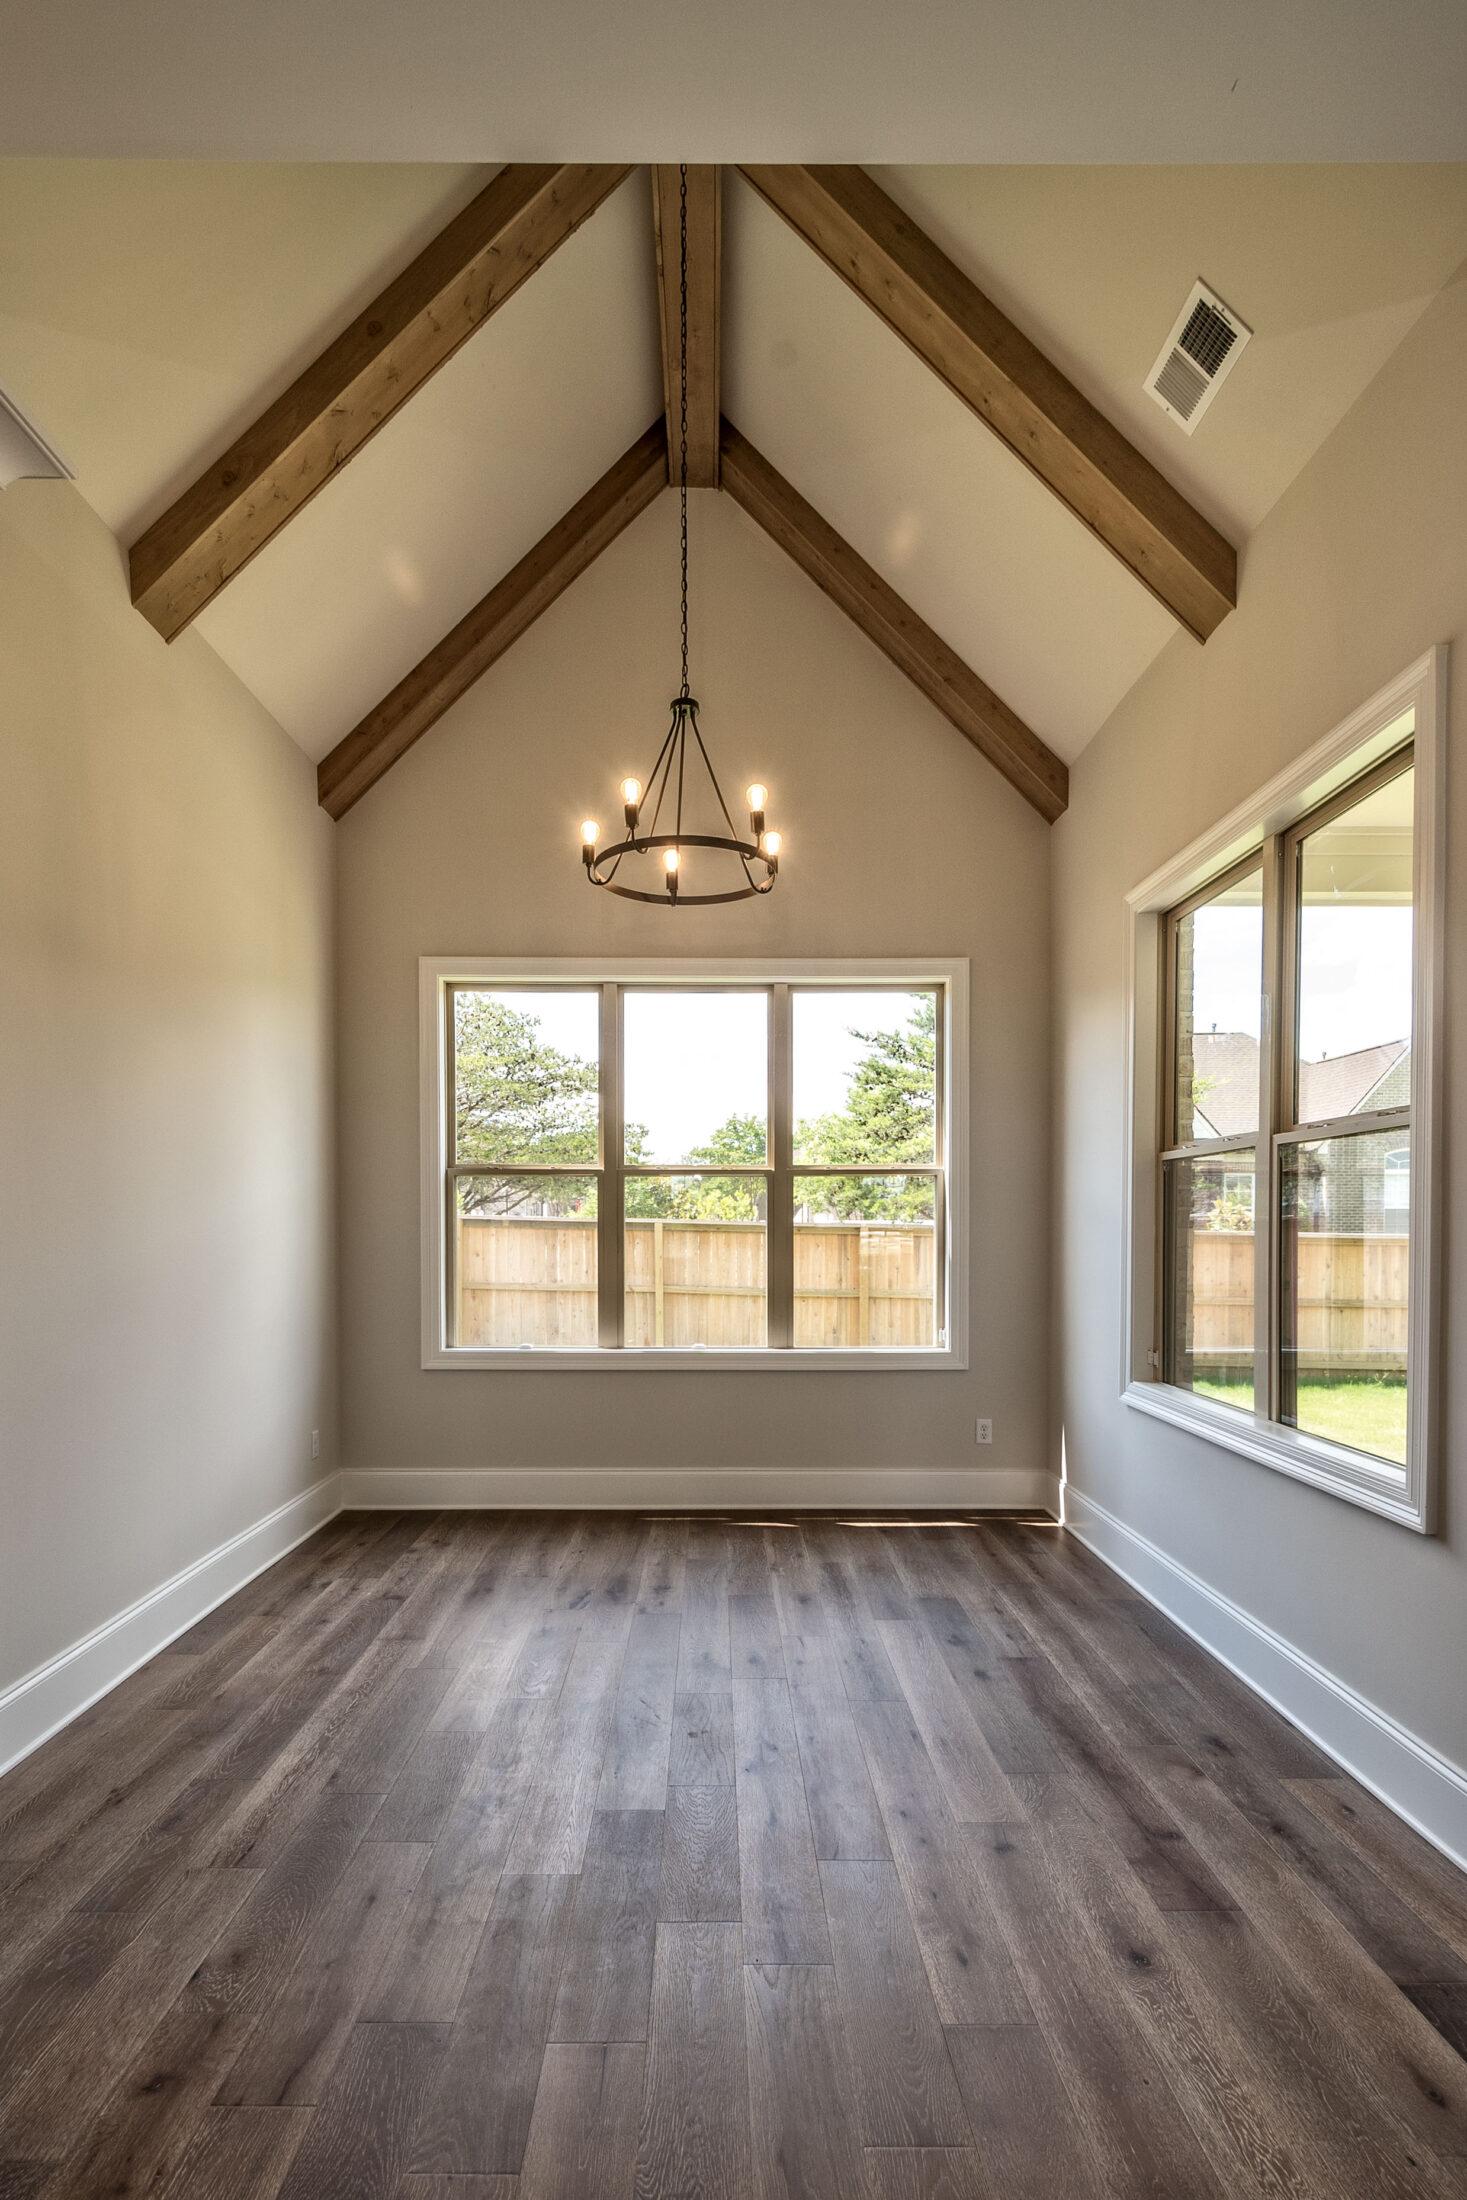 Vaulted ceilings in custom home